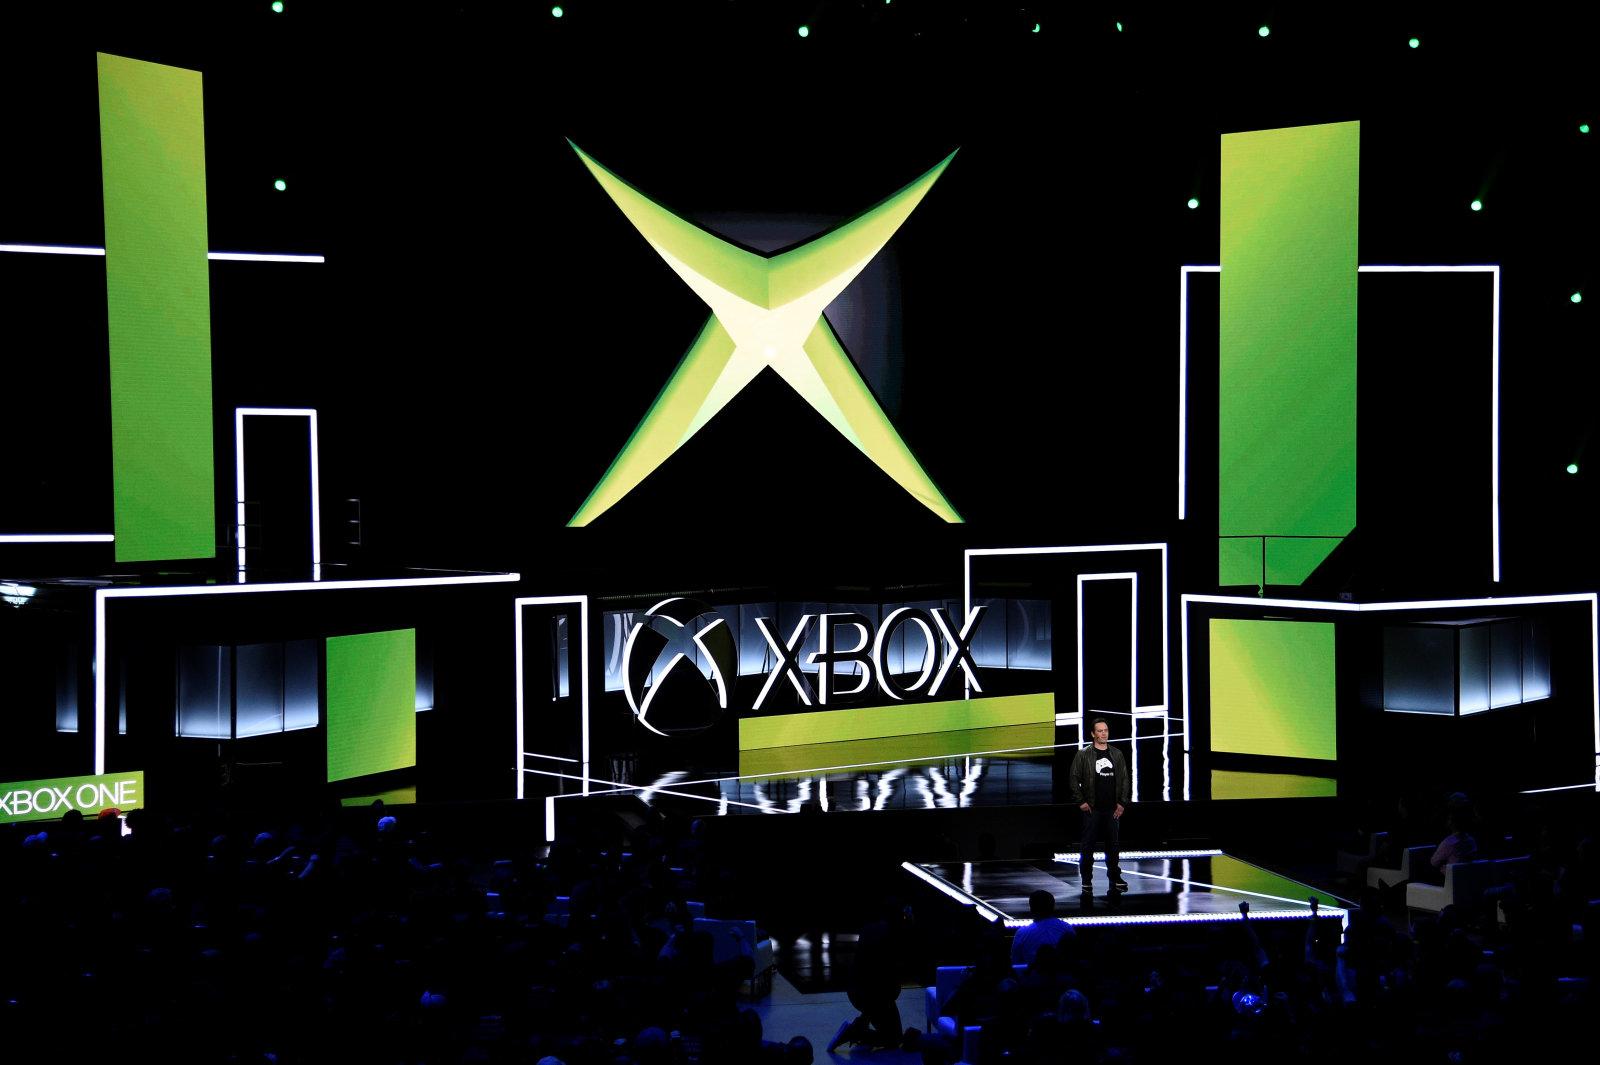 明天开始就能在 Xbox One 上玩到初代 Xbox 游戏了